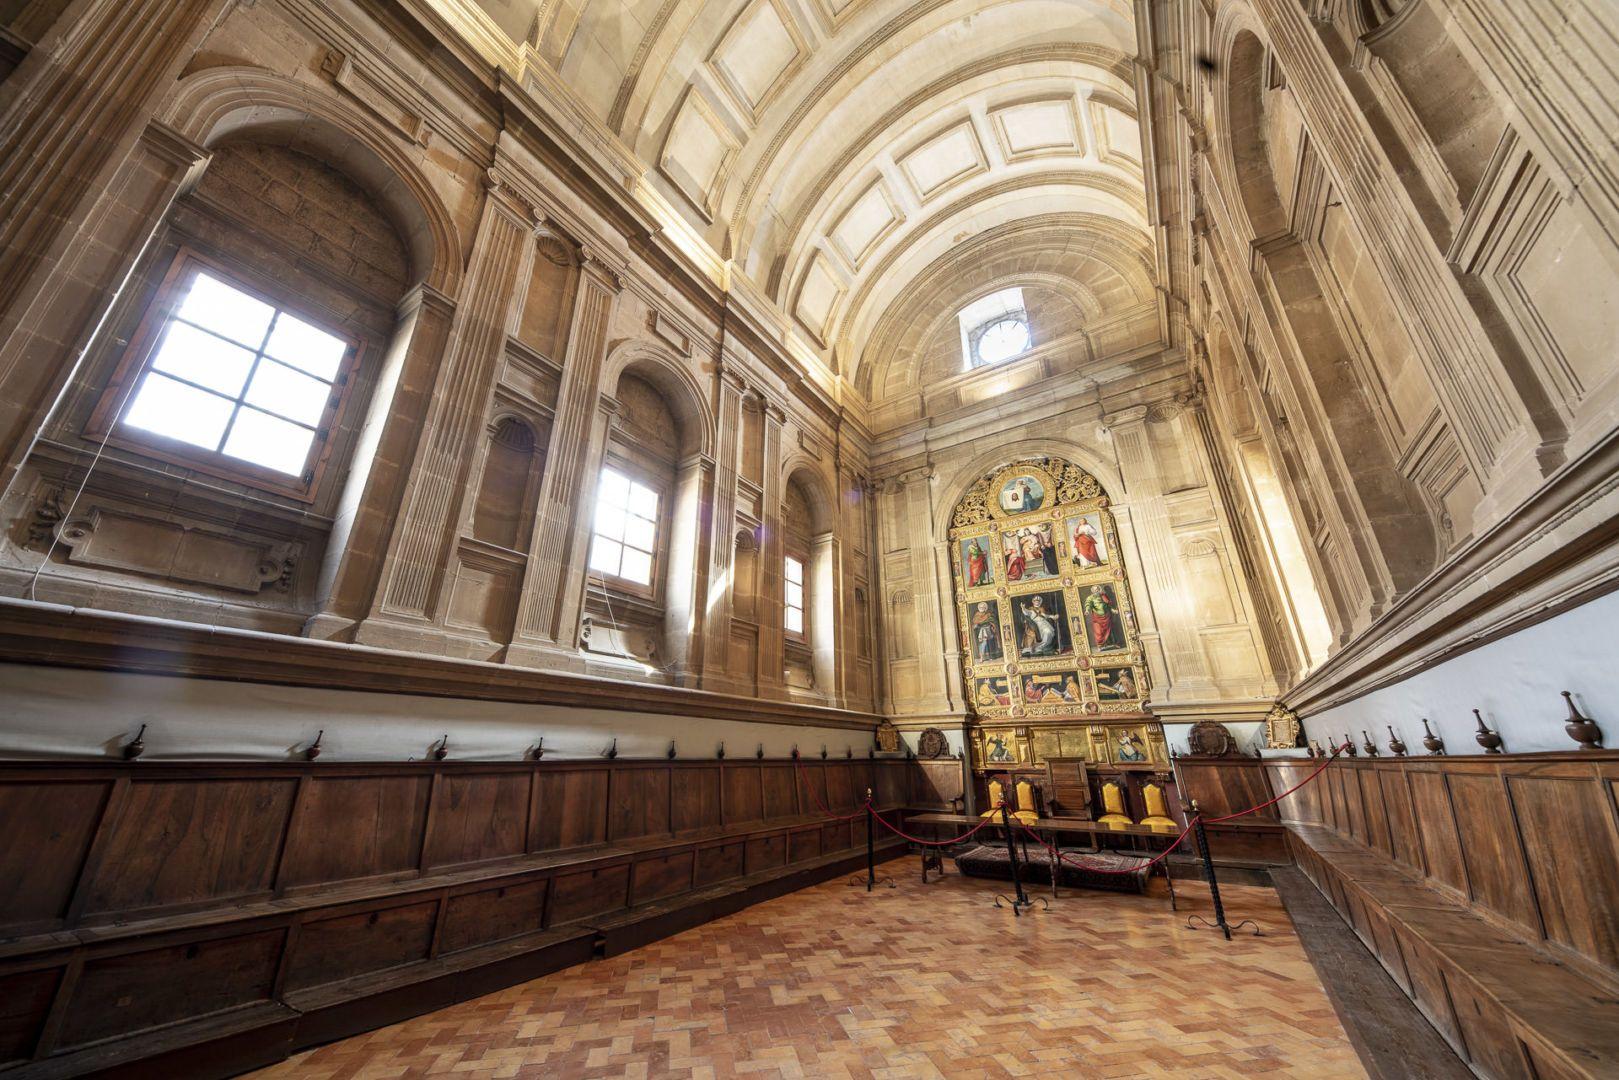 SalaCapitular-CatedralJaen-5